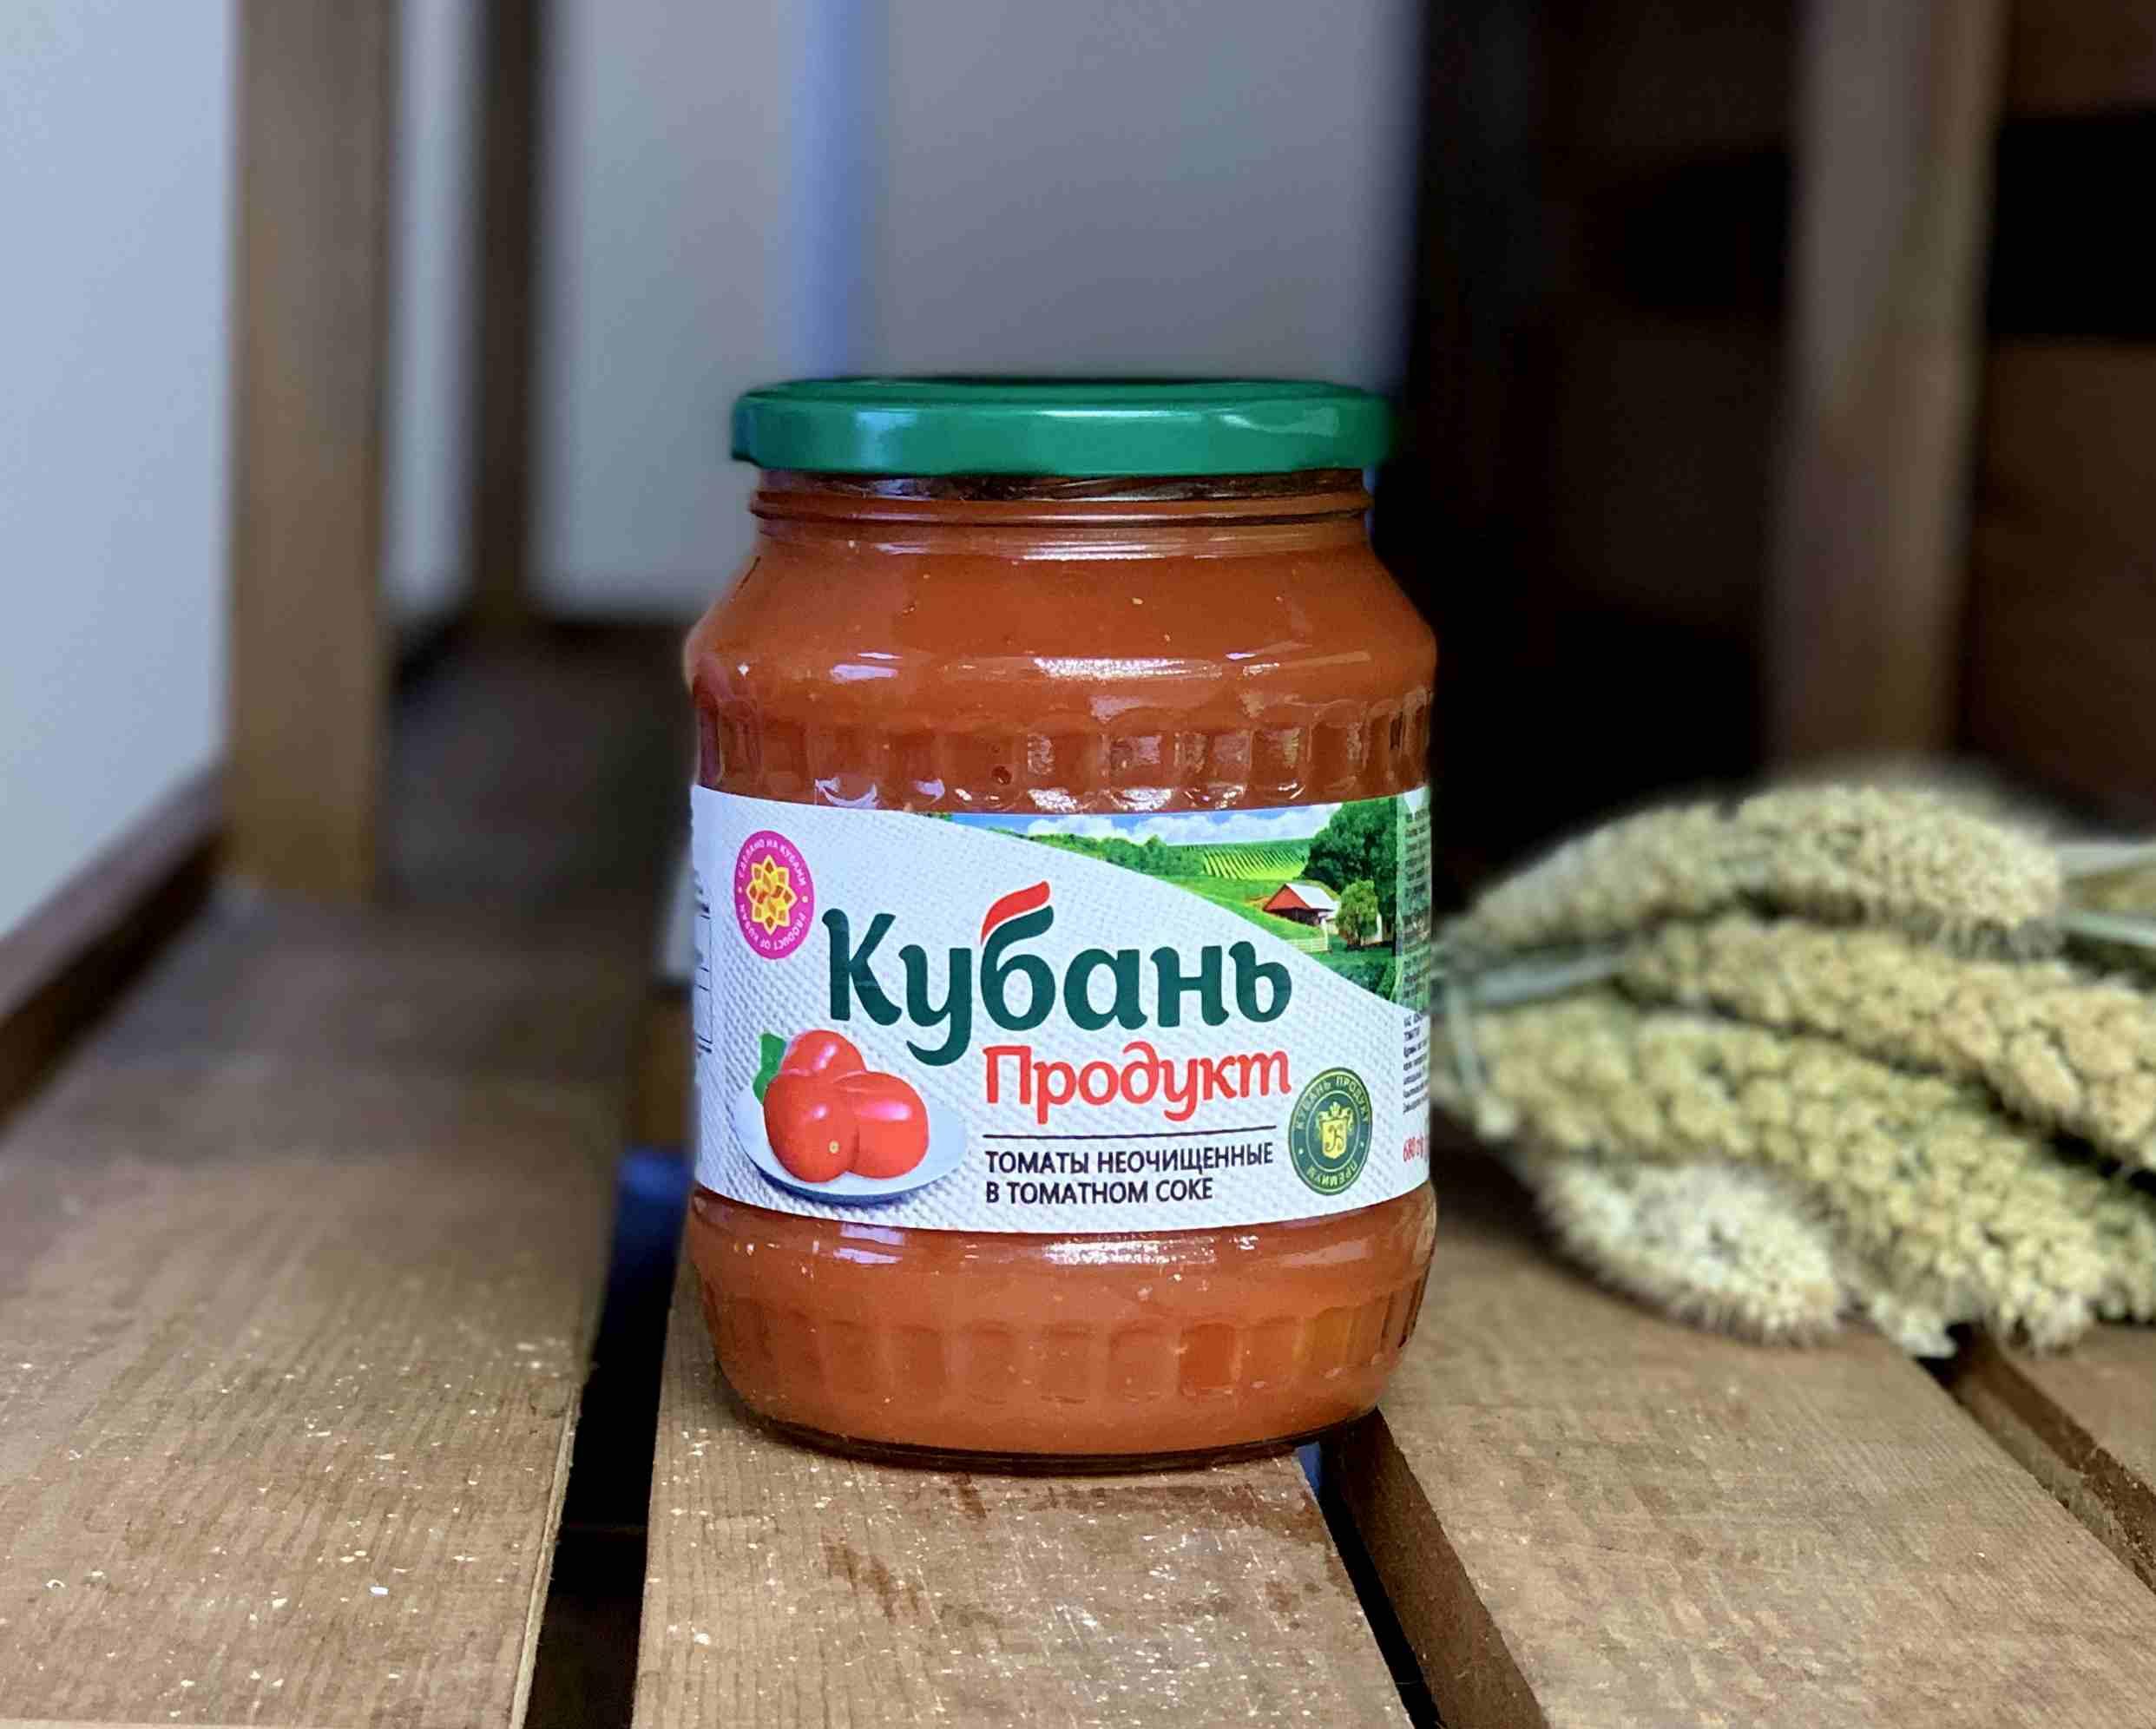 Помидоры неочищенные в томатном соке Кубань, 680 гр.